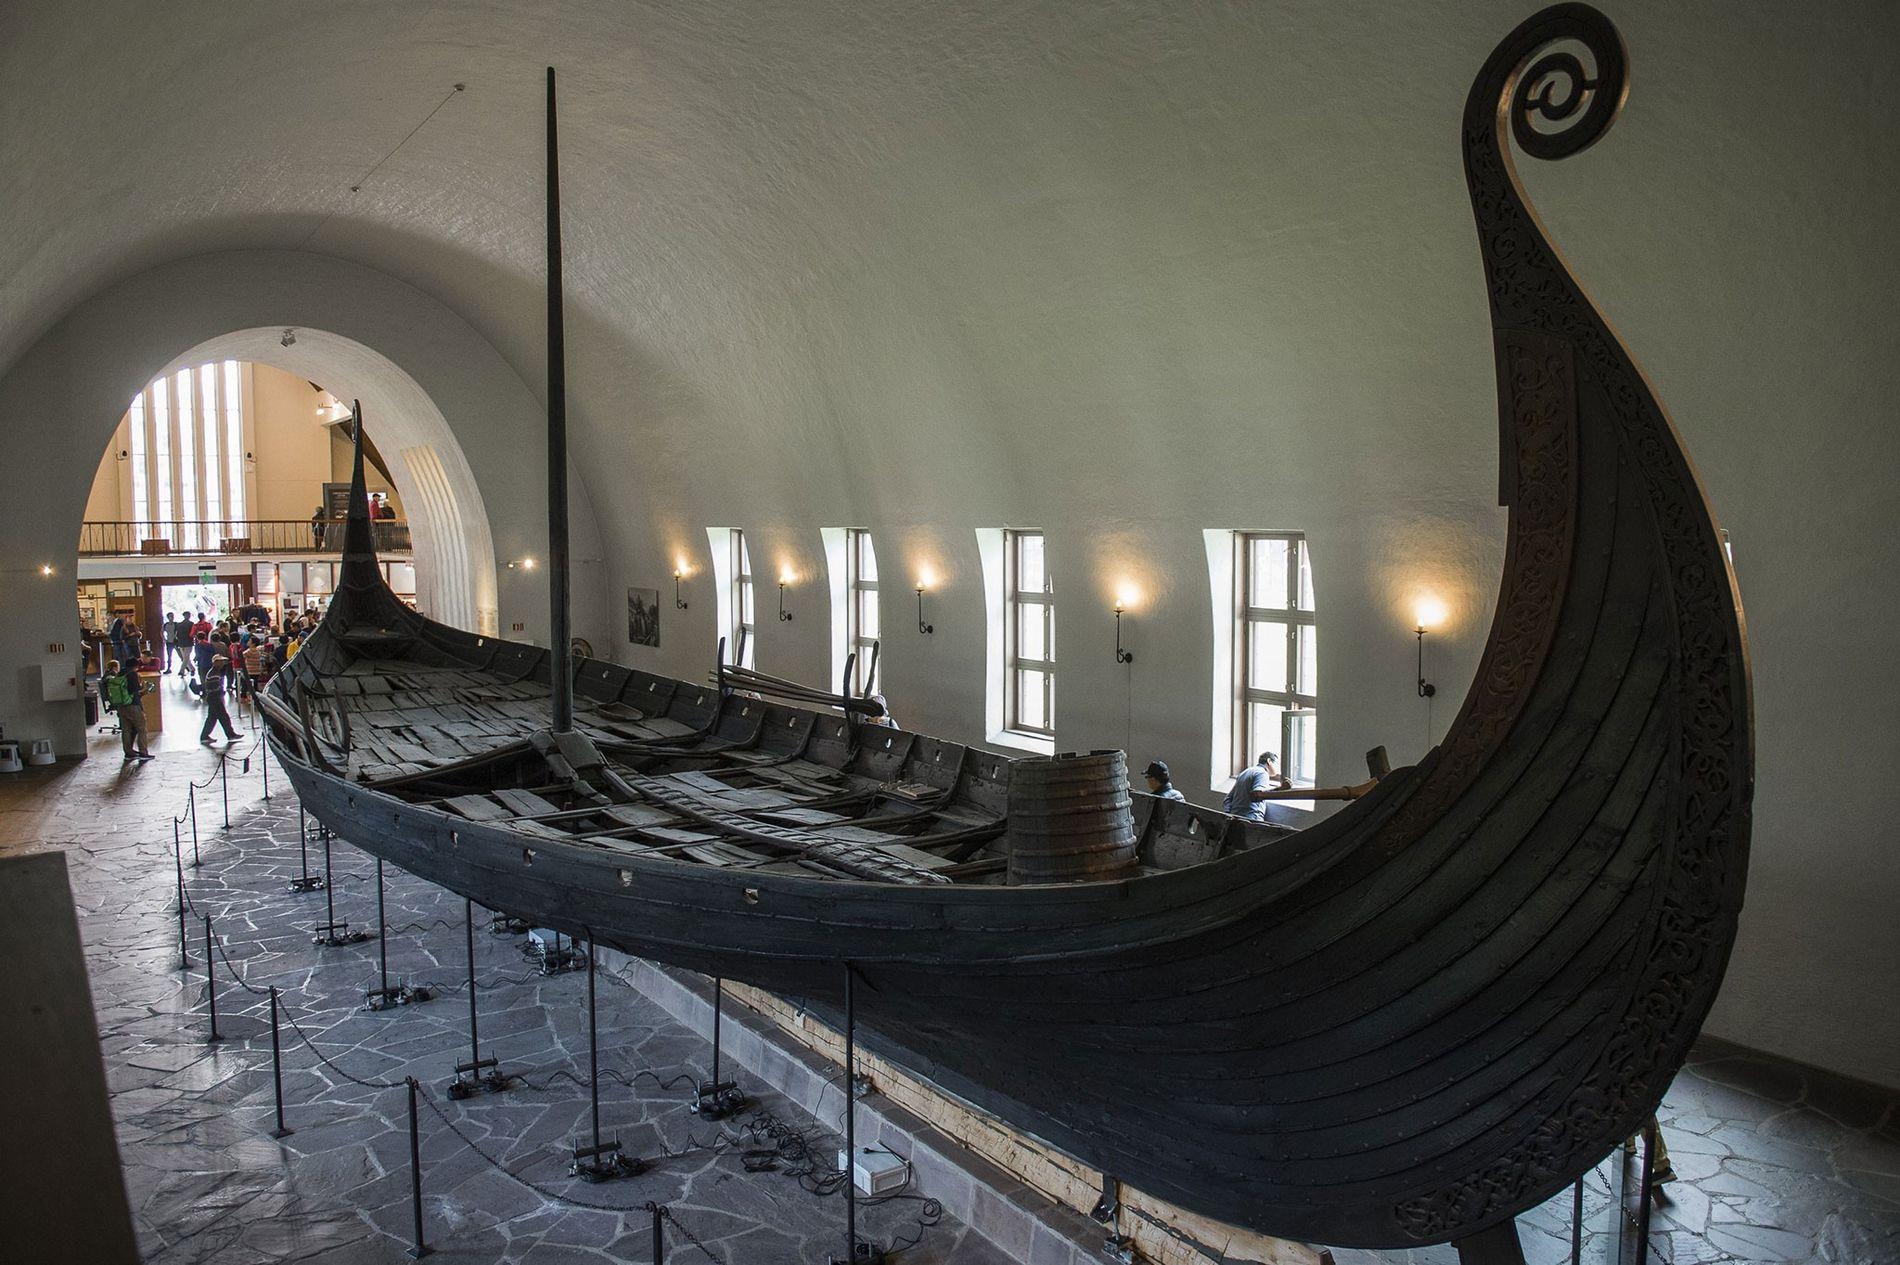 Descoberto em 1903, o barco Oseberg é um dos únicos três barcos vikings bem preservados exibidos ...